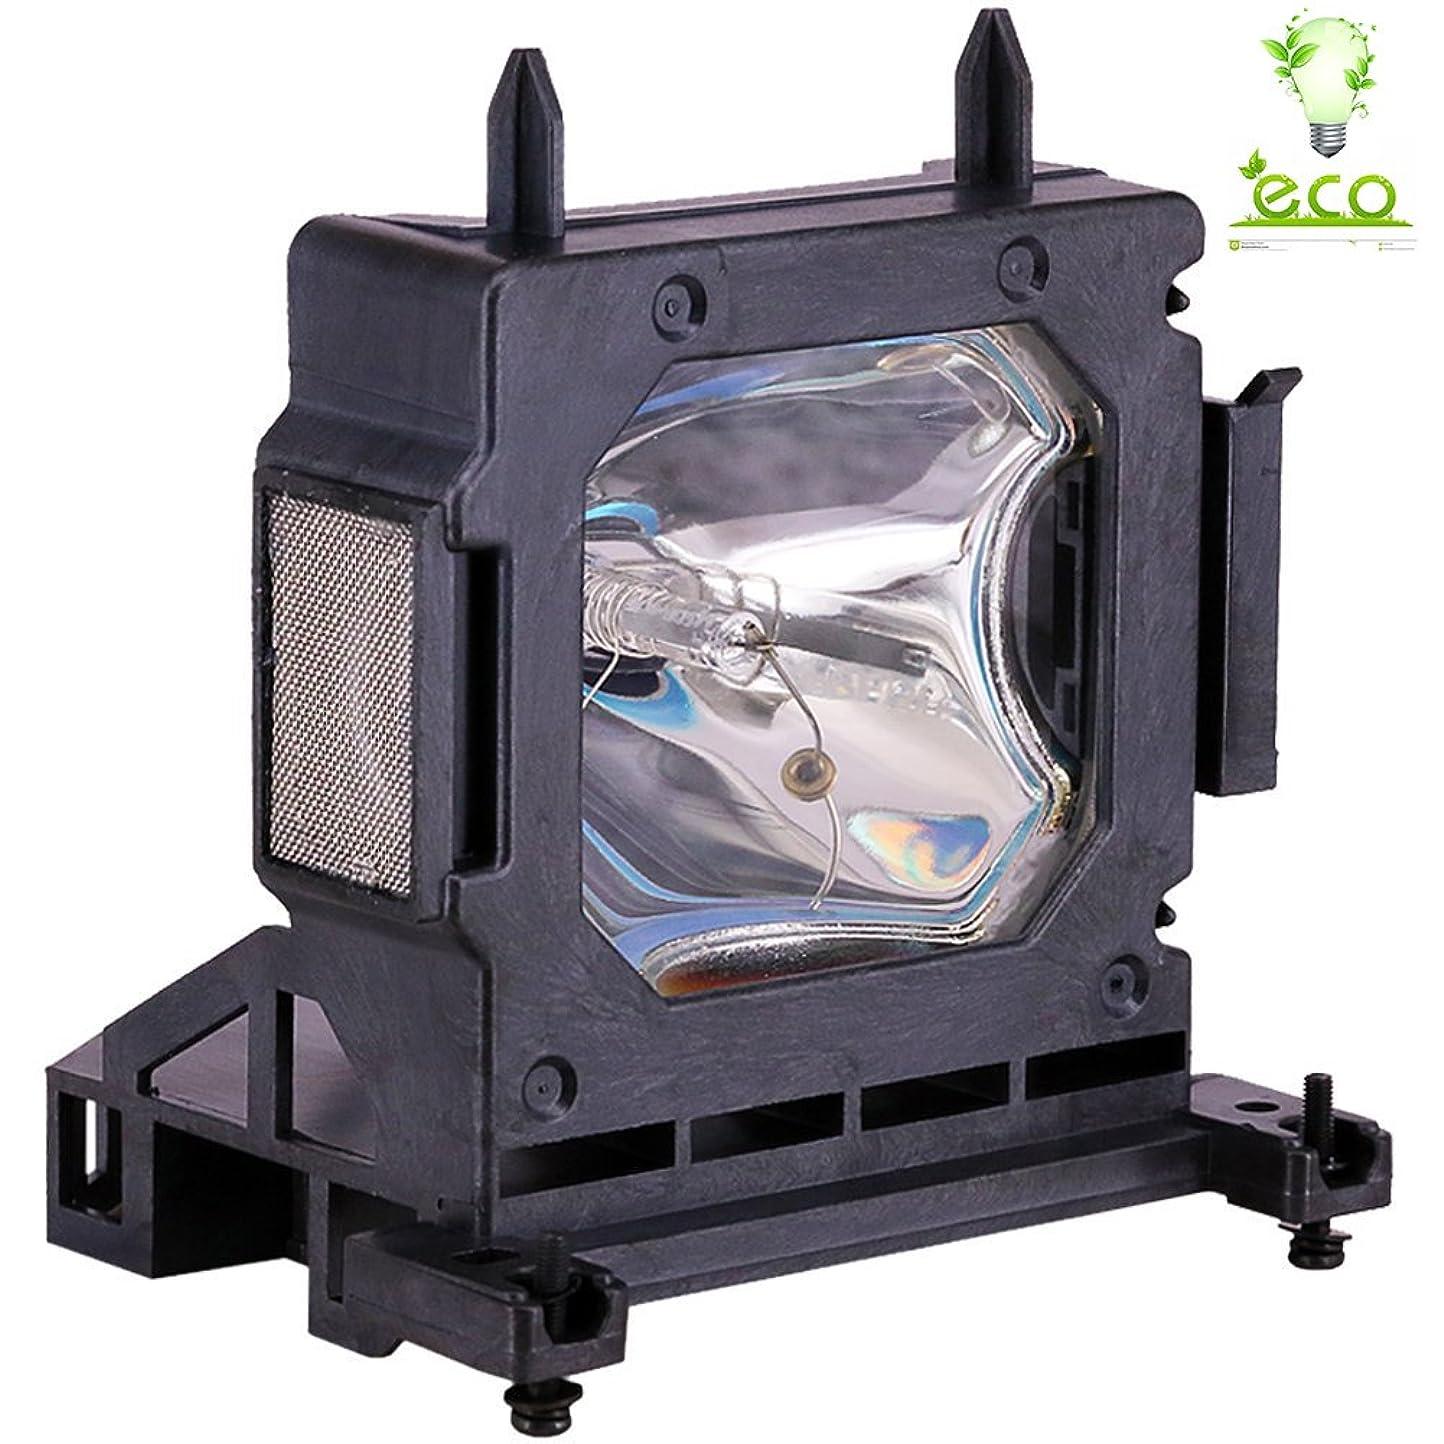 財布学んだスリルAngrox プロジェクター交換用 ランプ LMP-H202 SONY ソニー VPL-VW95ES VPL-HW50ES VPL-HW10 VPL-HW15 VPL-HW30ES VPL-HW55ES VPL-HW35ES 対応